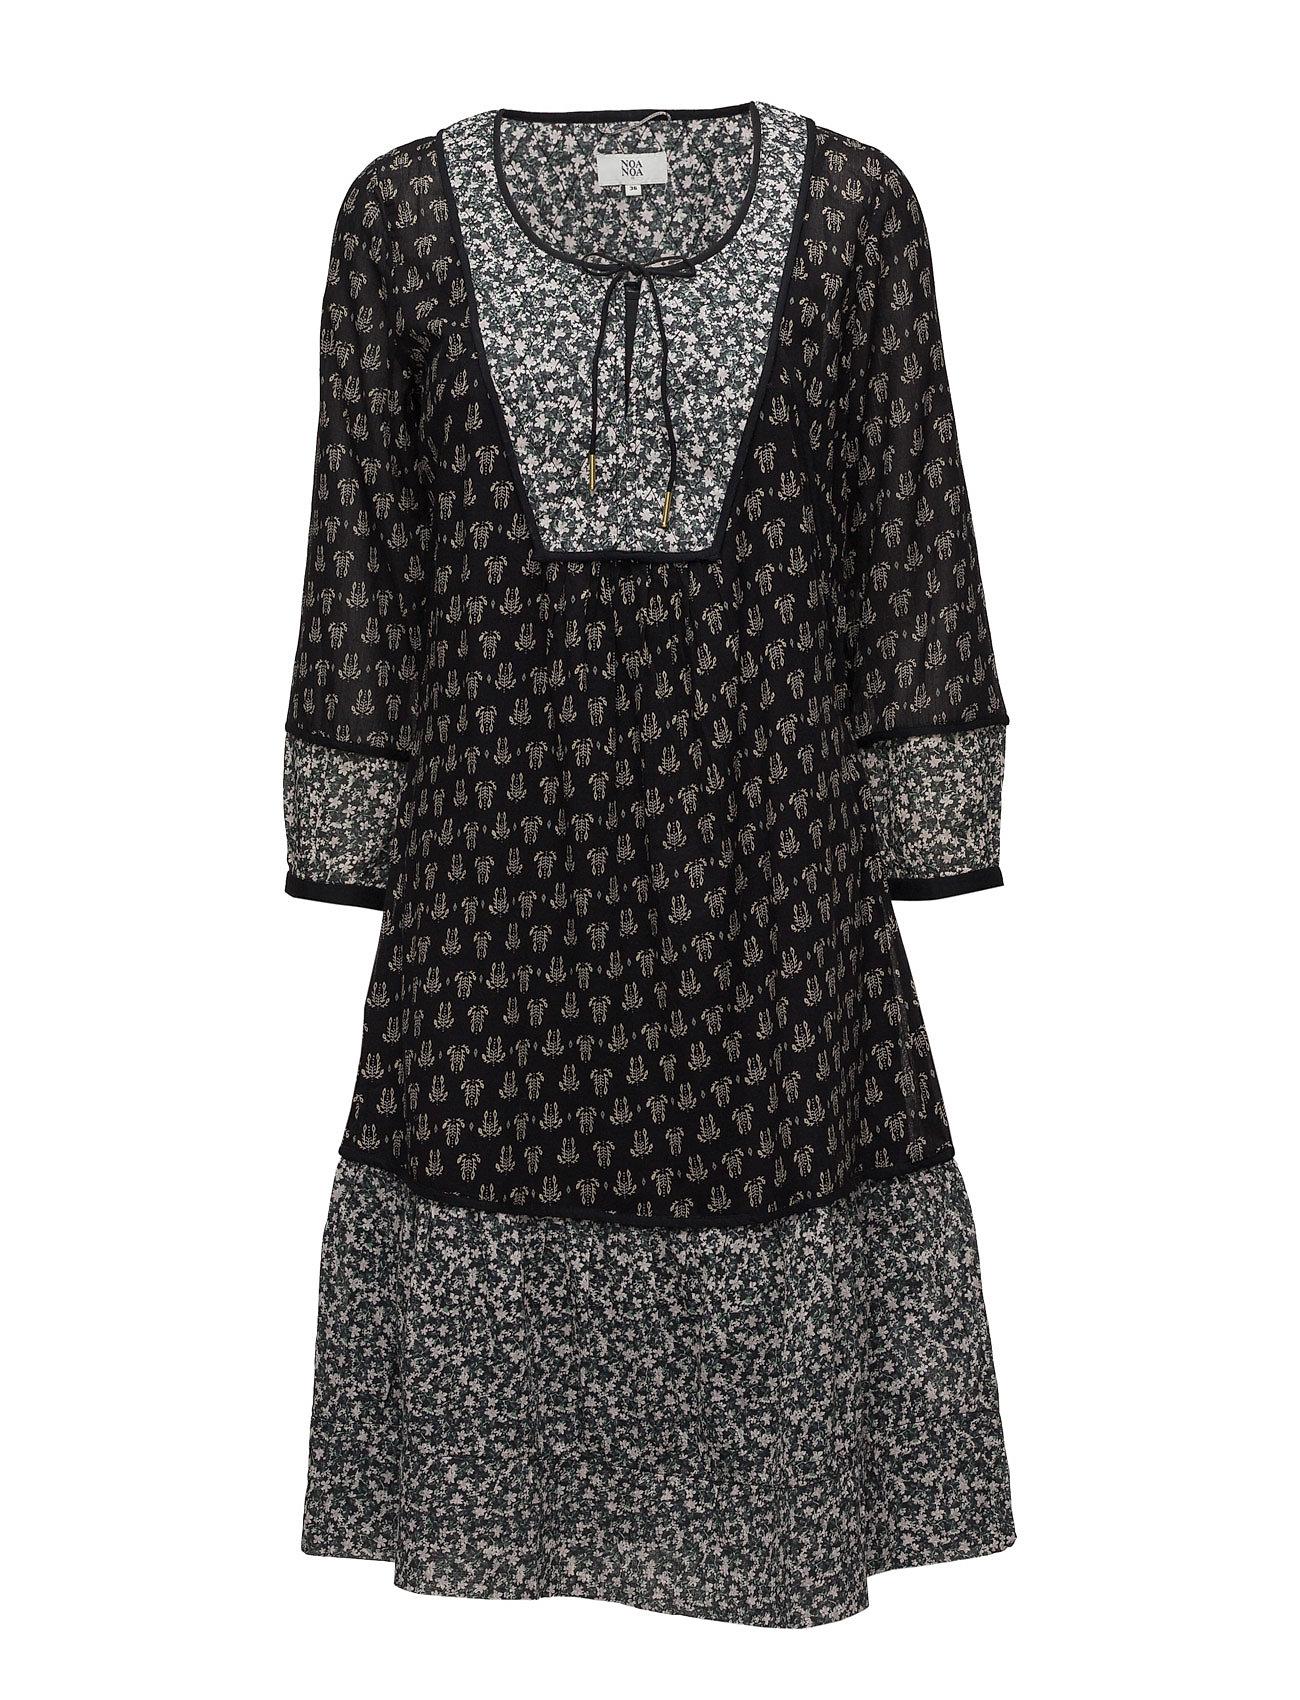 Dress Long Sleeve Noa Noa Knælange & mellemlange til Damer i Print Black